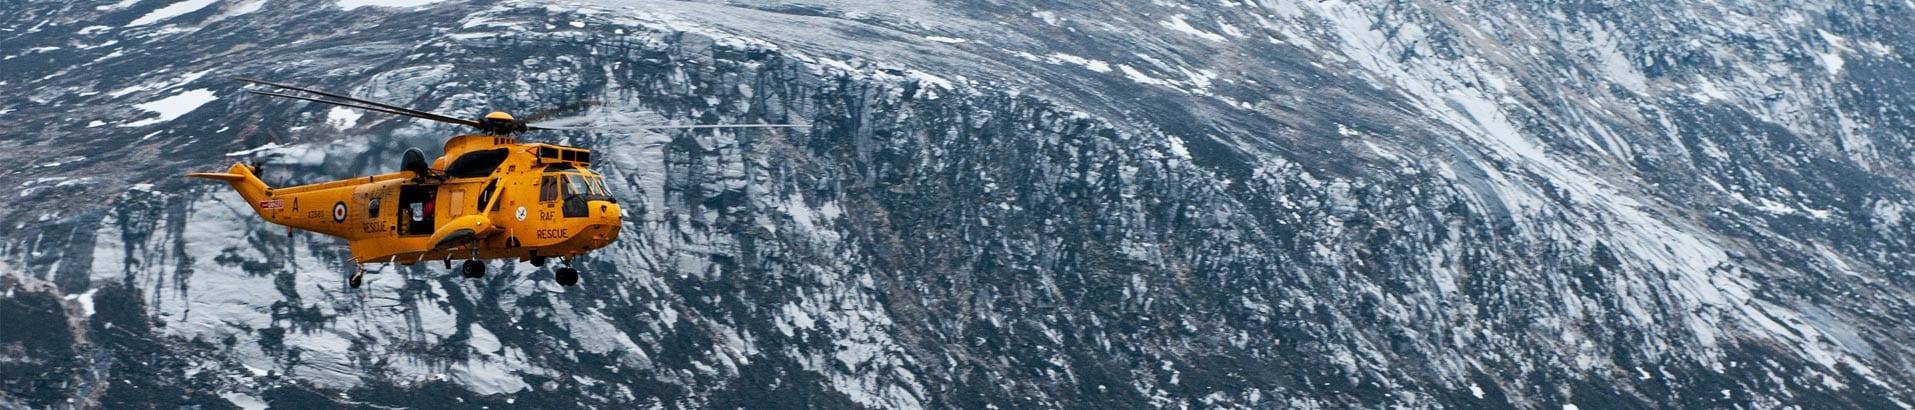 Вертолет спасателей в горной местности